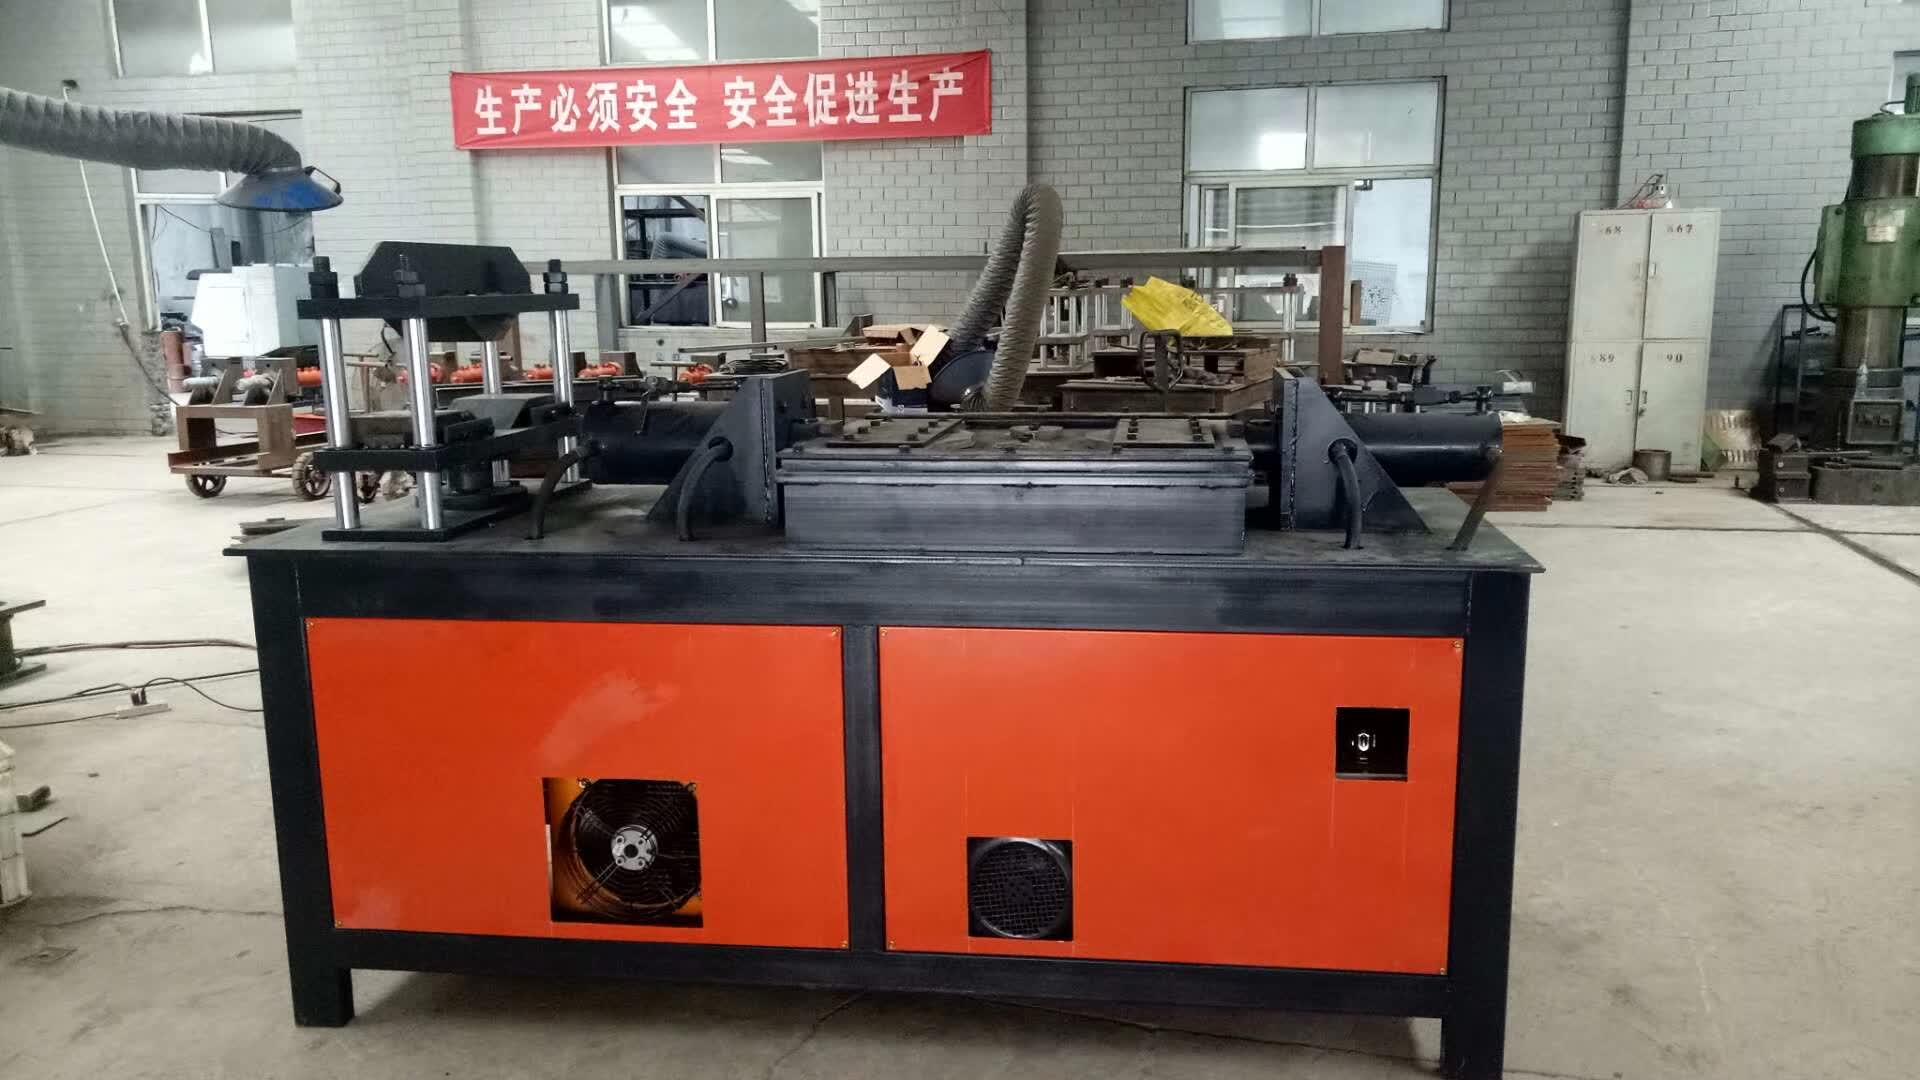 东阿县隧道设备,冷弯机,喷浆机,注浆泵,搅拌机厂家供货